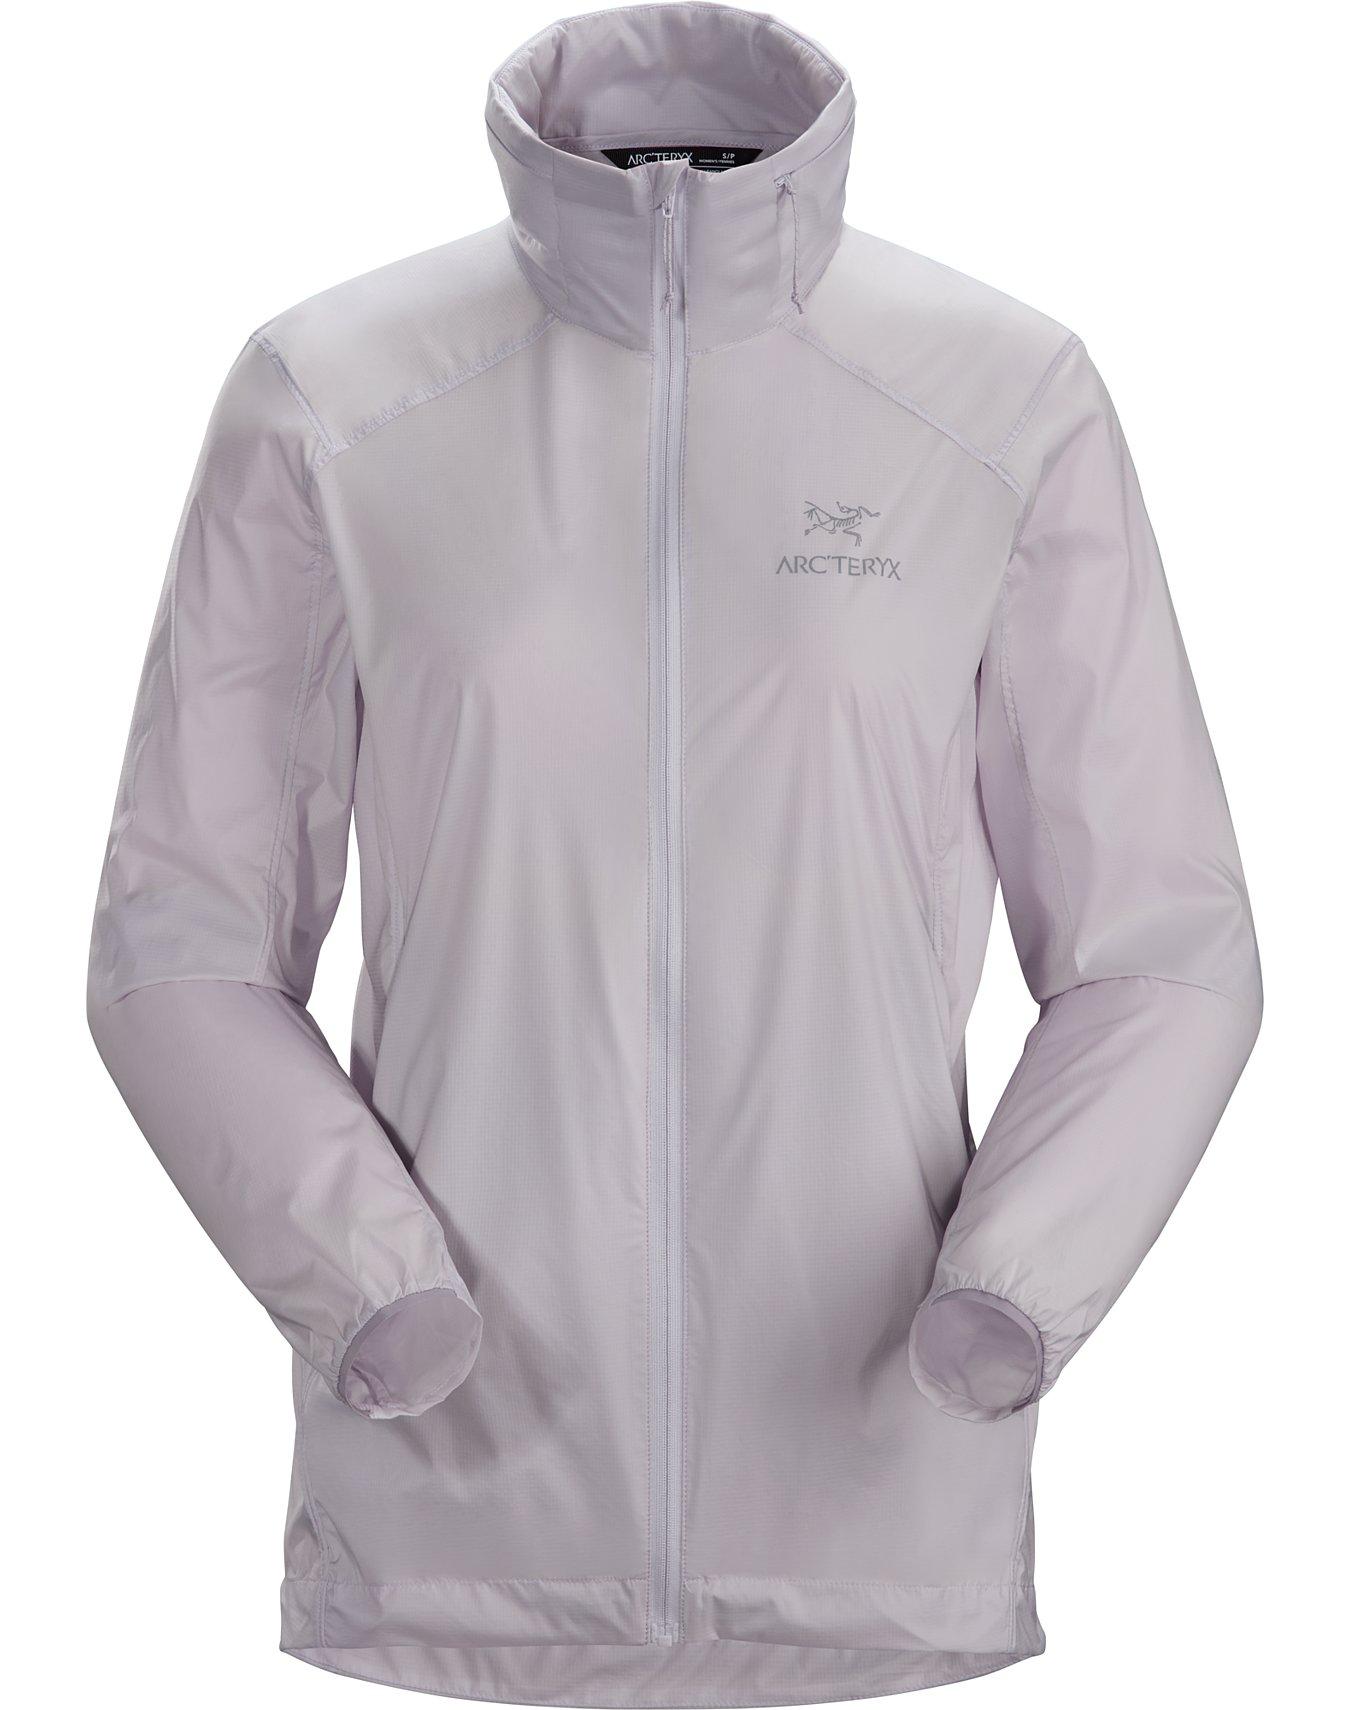 4th SEASON Damen Windbreaker mit Kapuze ultraleichte Regenjacke Long Spring Jacket Parka